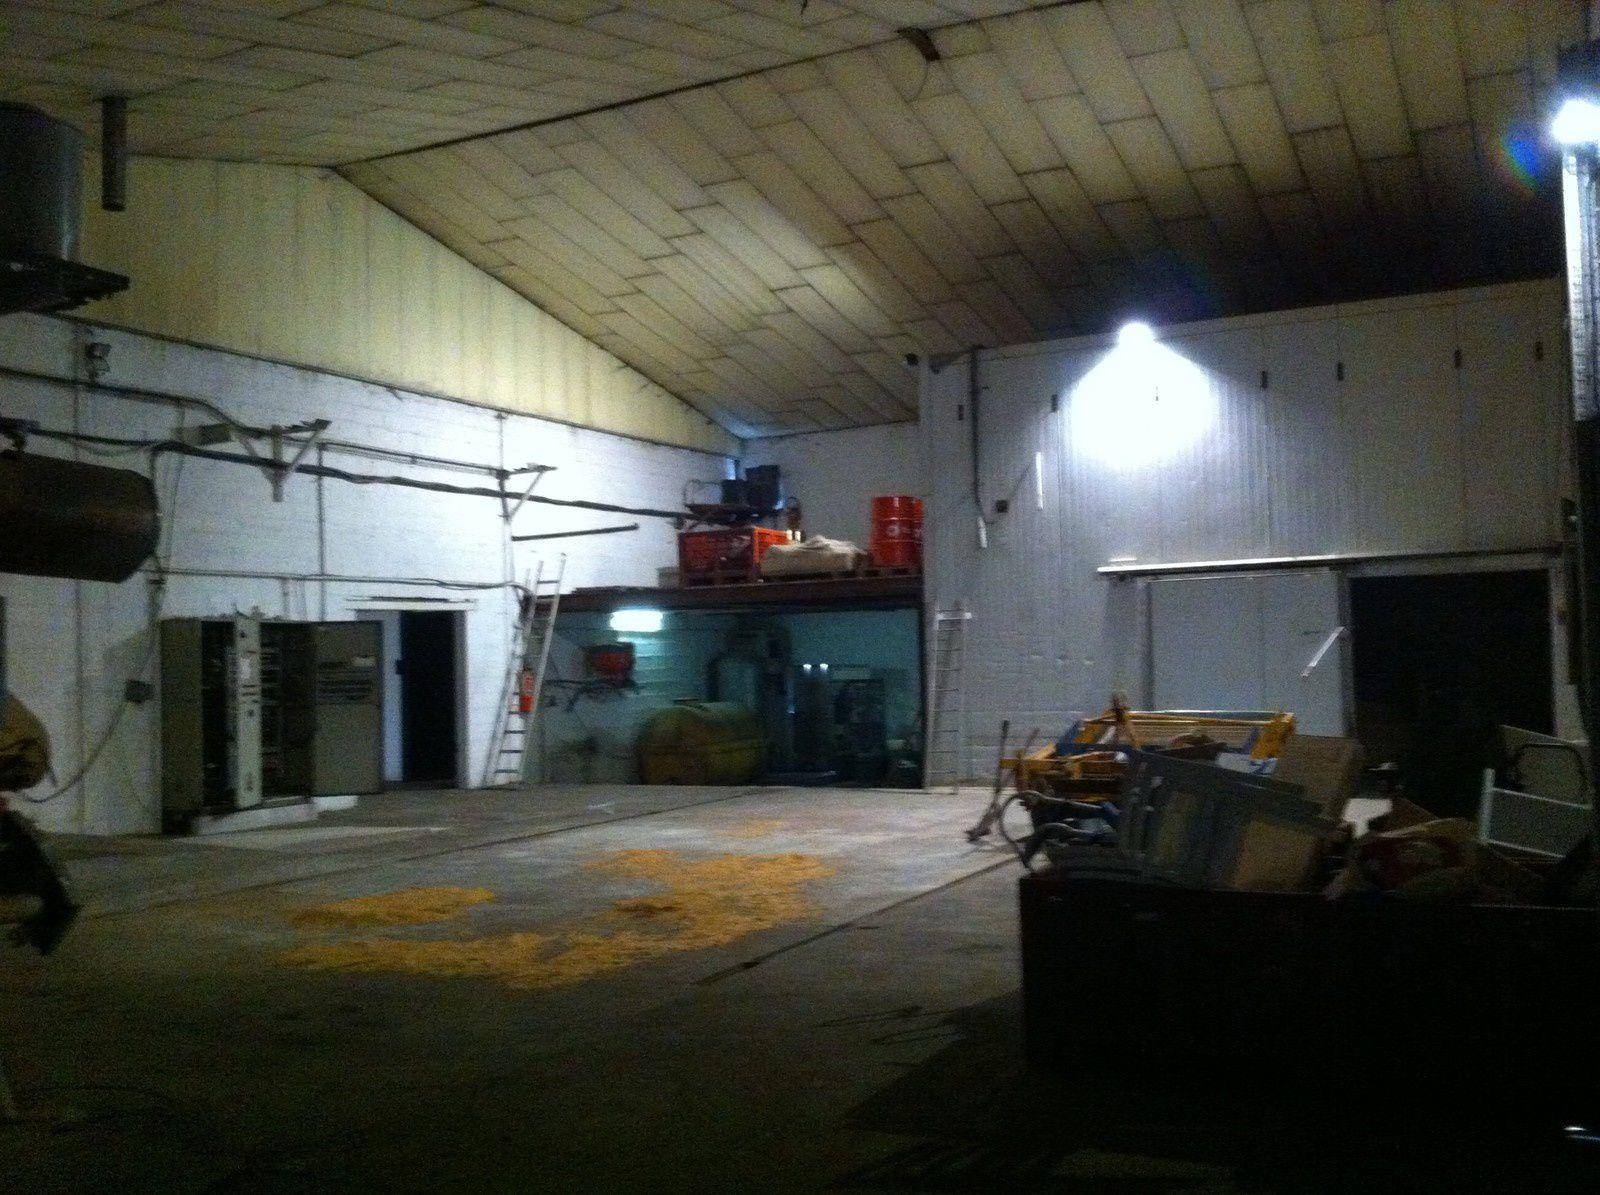 A vendre batiment industriel et frigo 1400 m2 batiments for Cout batiment industriel m2